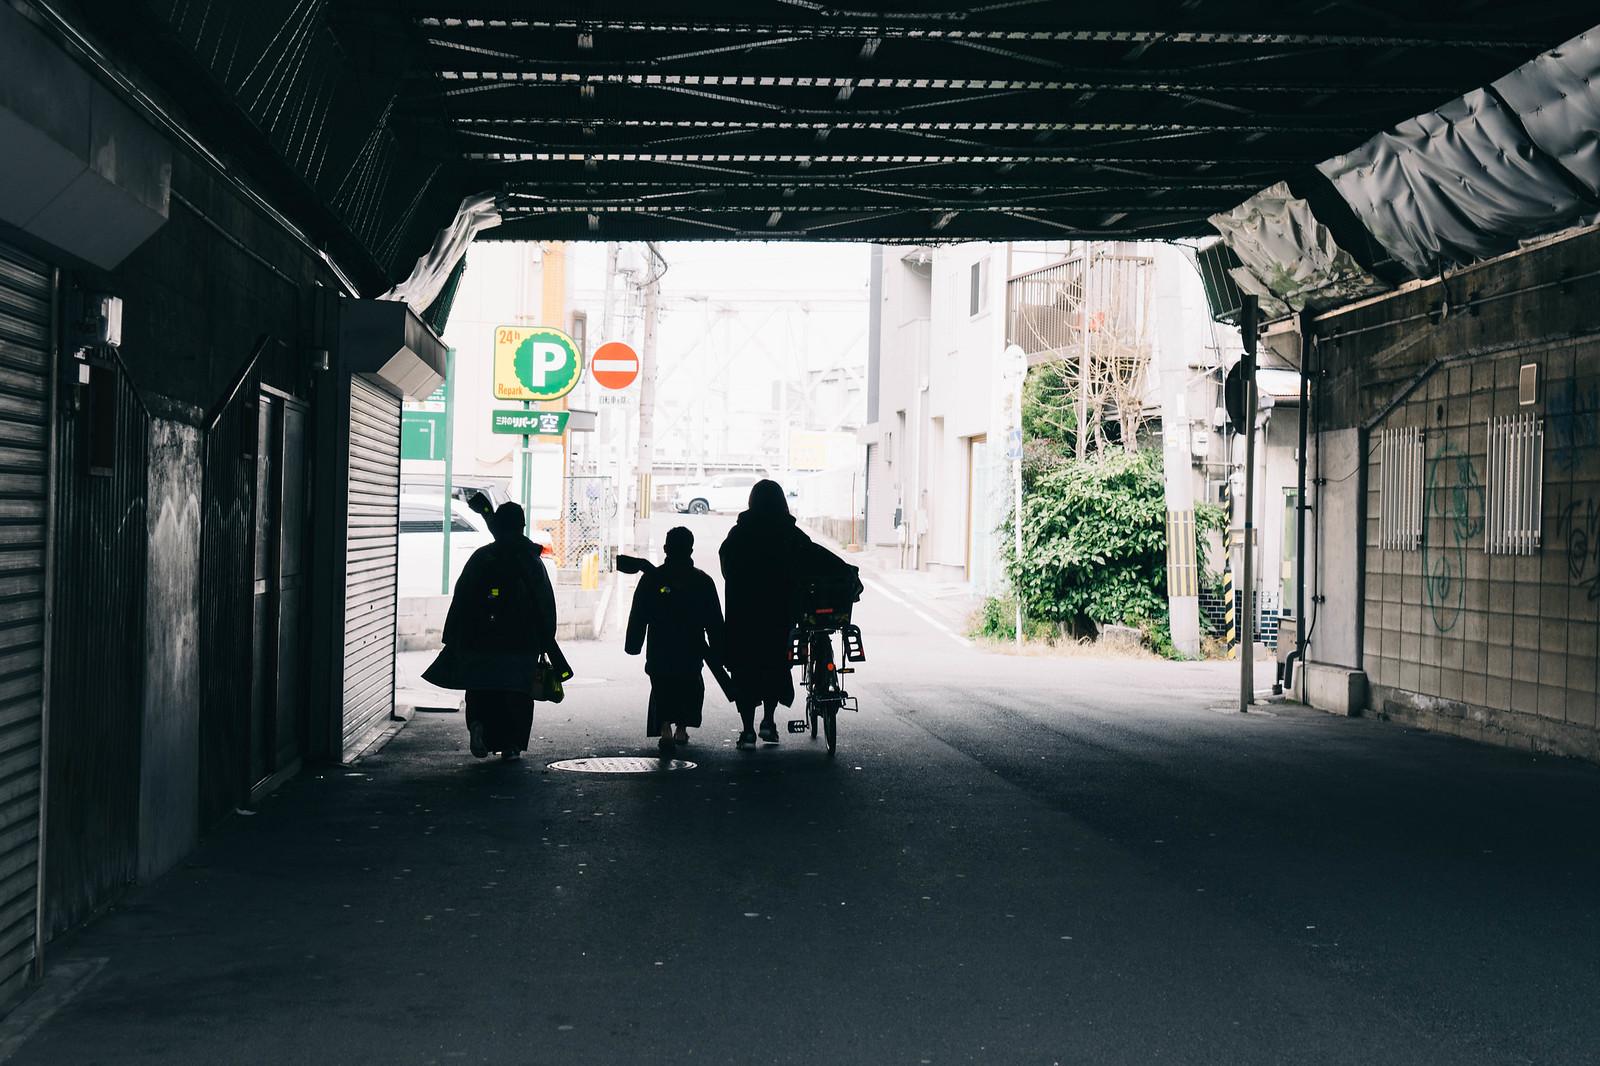 大阪で写真を撮るのに意外とオススメな大正区に行ってきた https://farm5.staticflickr.com/4614/40289355422_2cb4180045_h.jpg